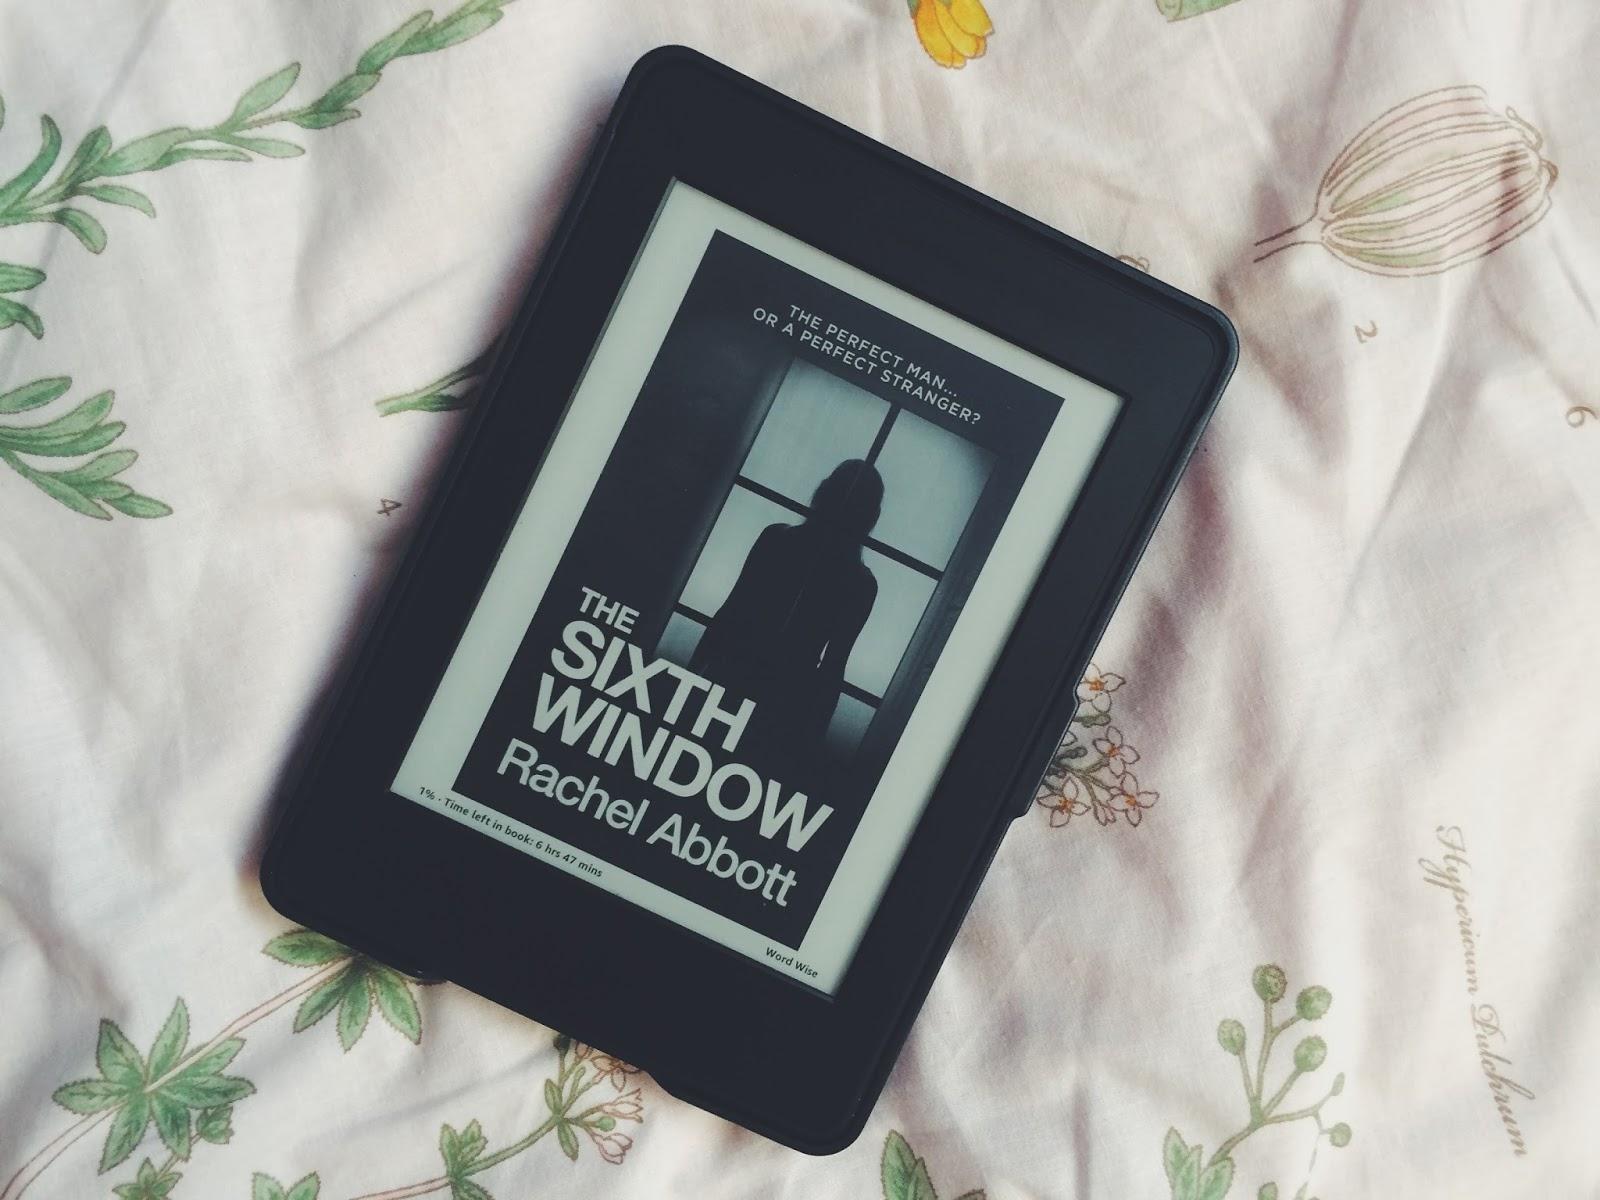 Szóste okno // Rachel Abbott